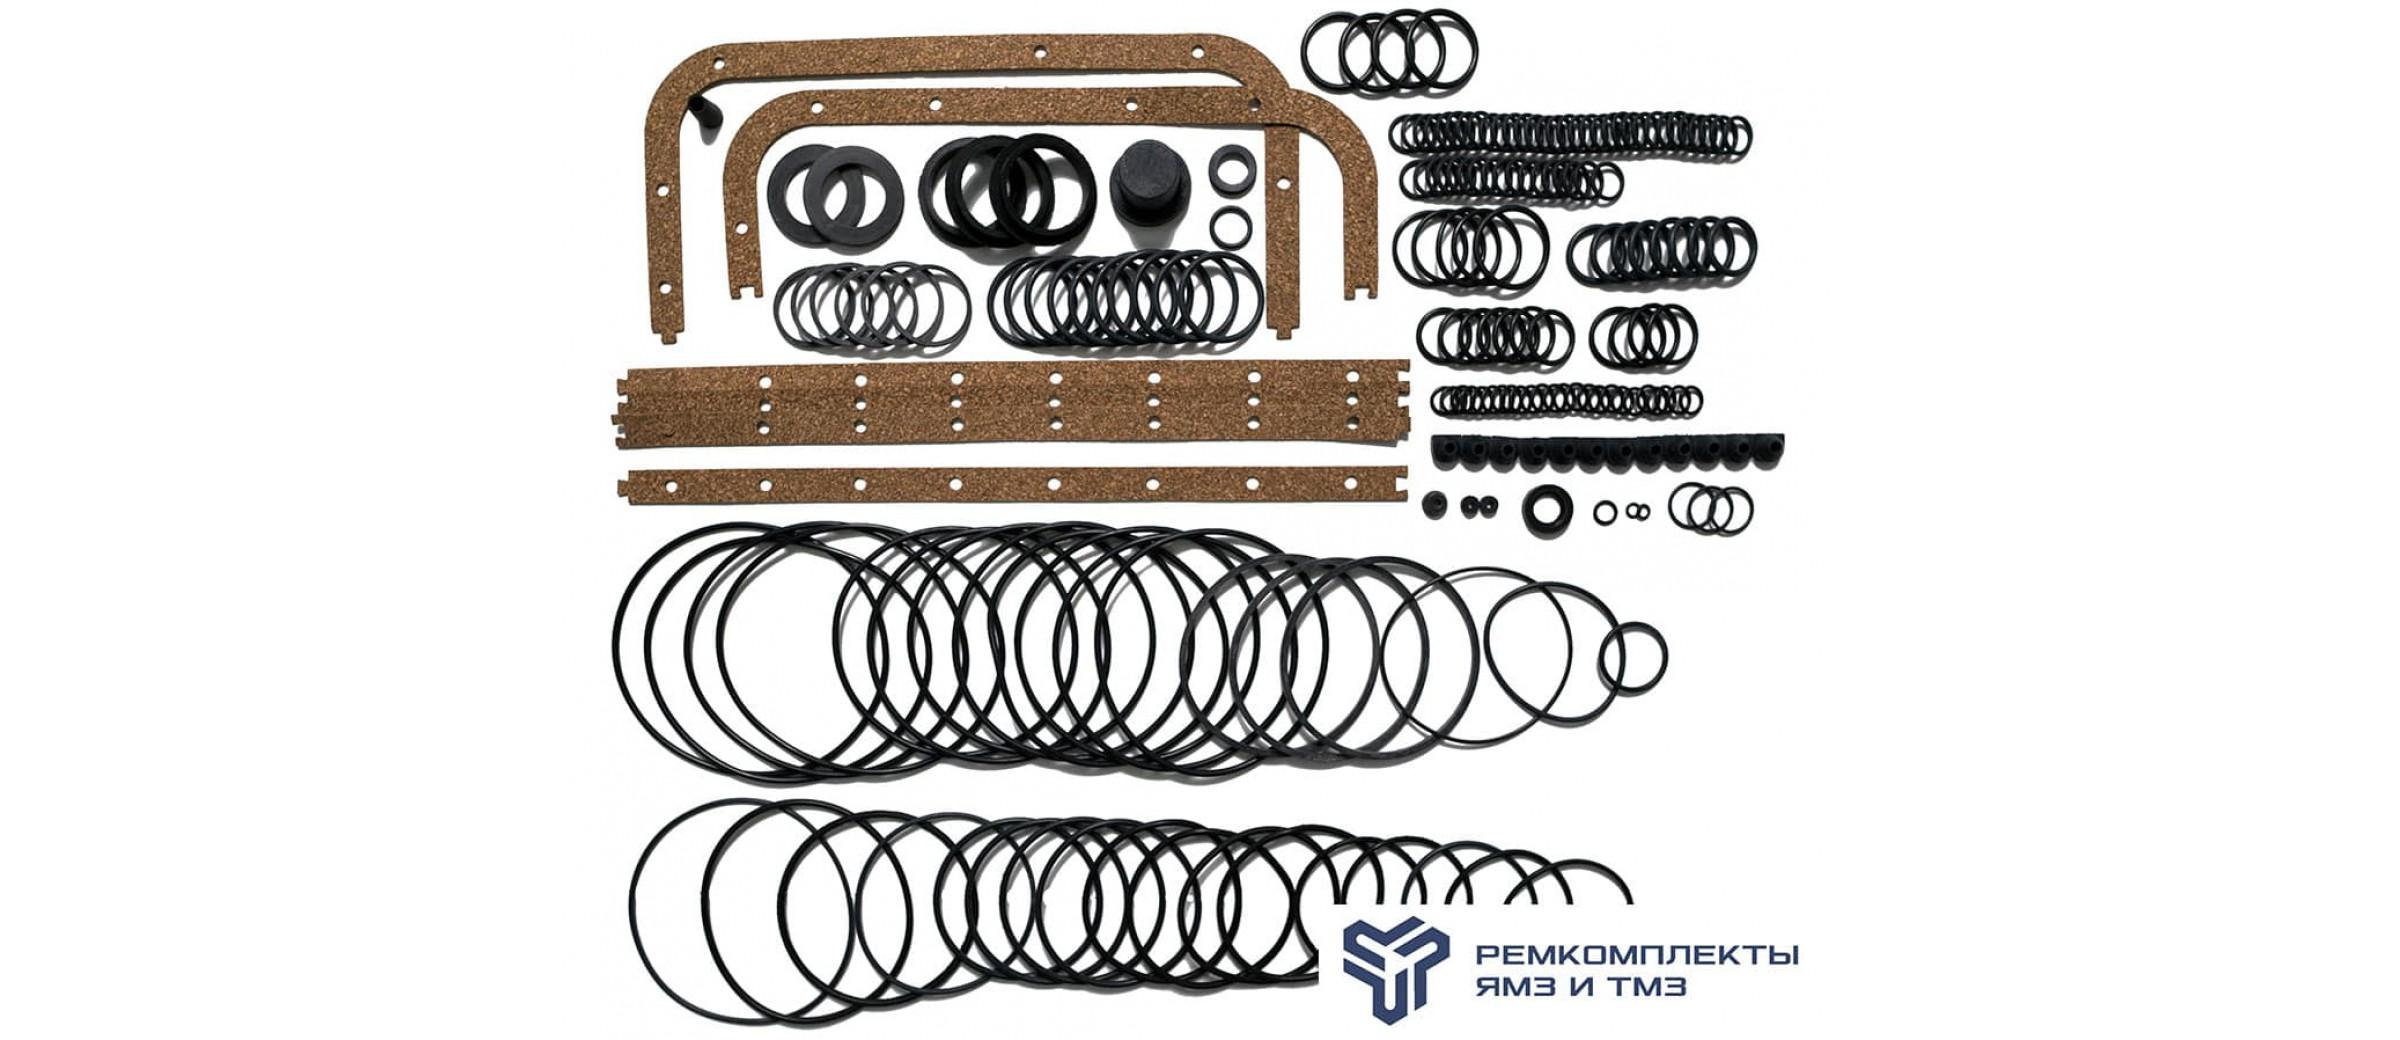 Ремкомплект РТИ на двигатель ЯМЗ-850 (без ГБЦ и гильзы)